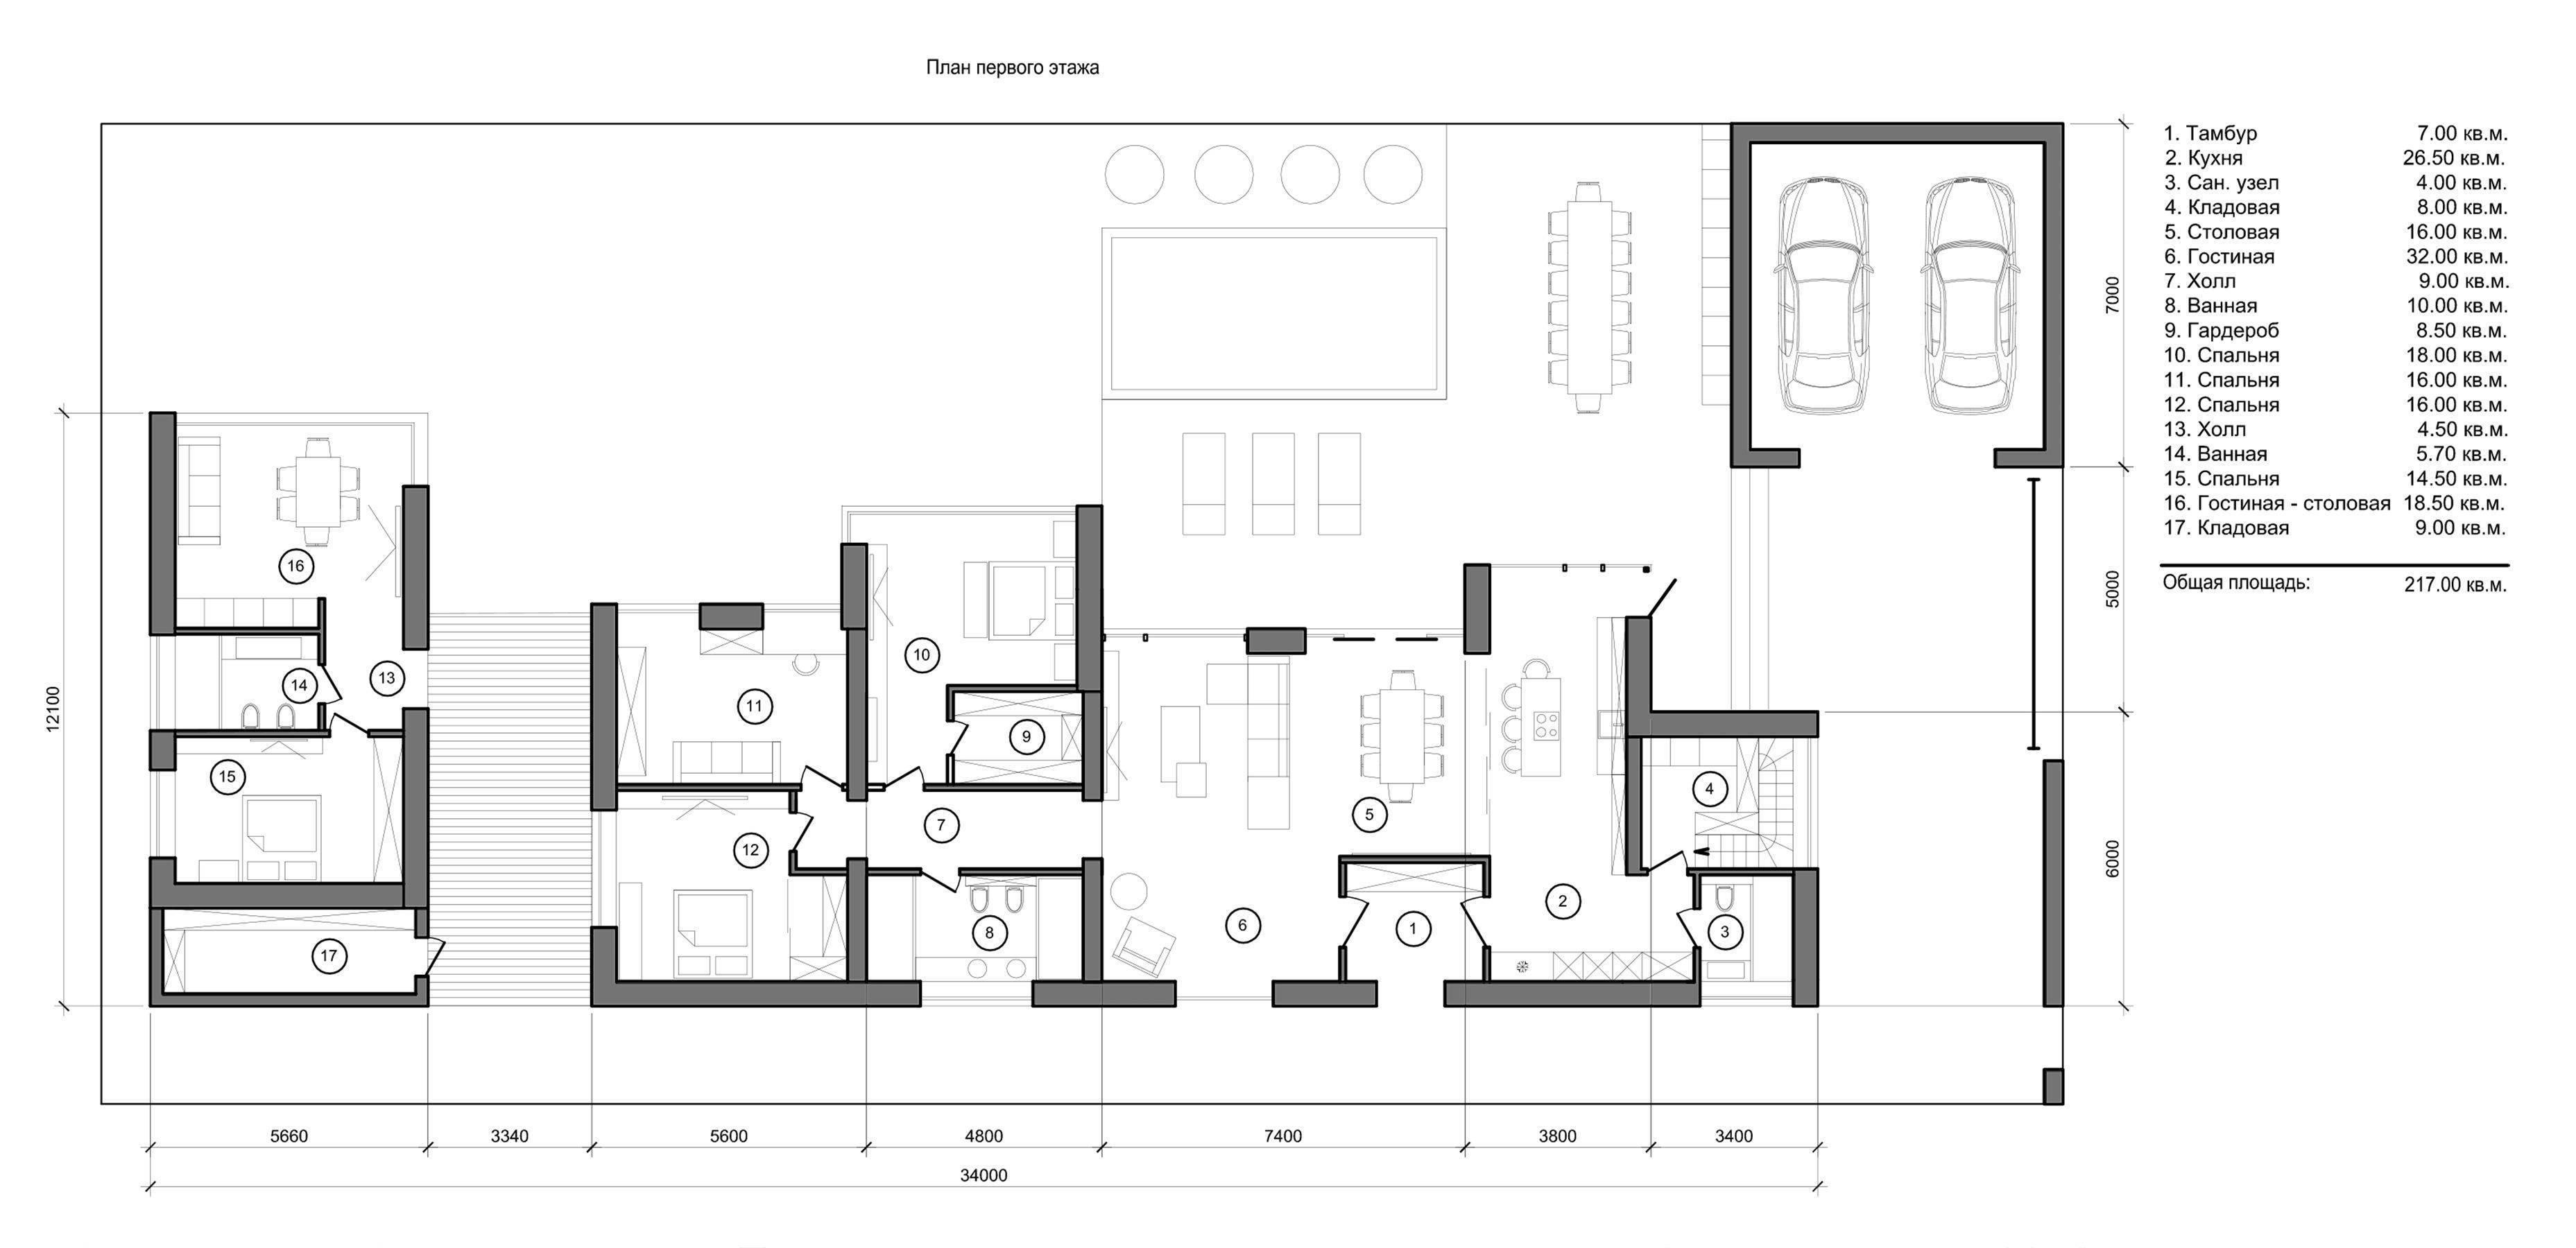 Проект одноэтажного дома в стиле хай тек и план небольшого дома